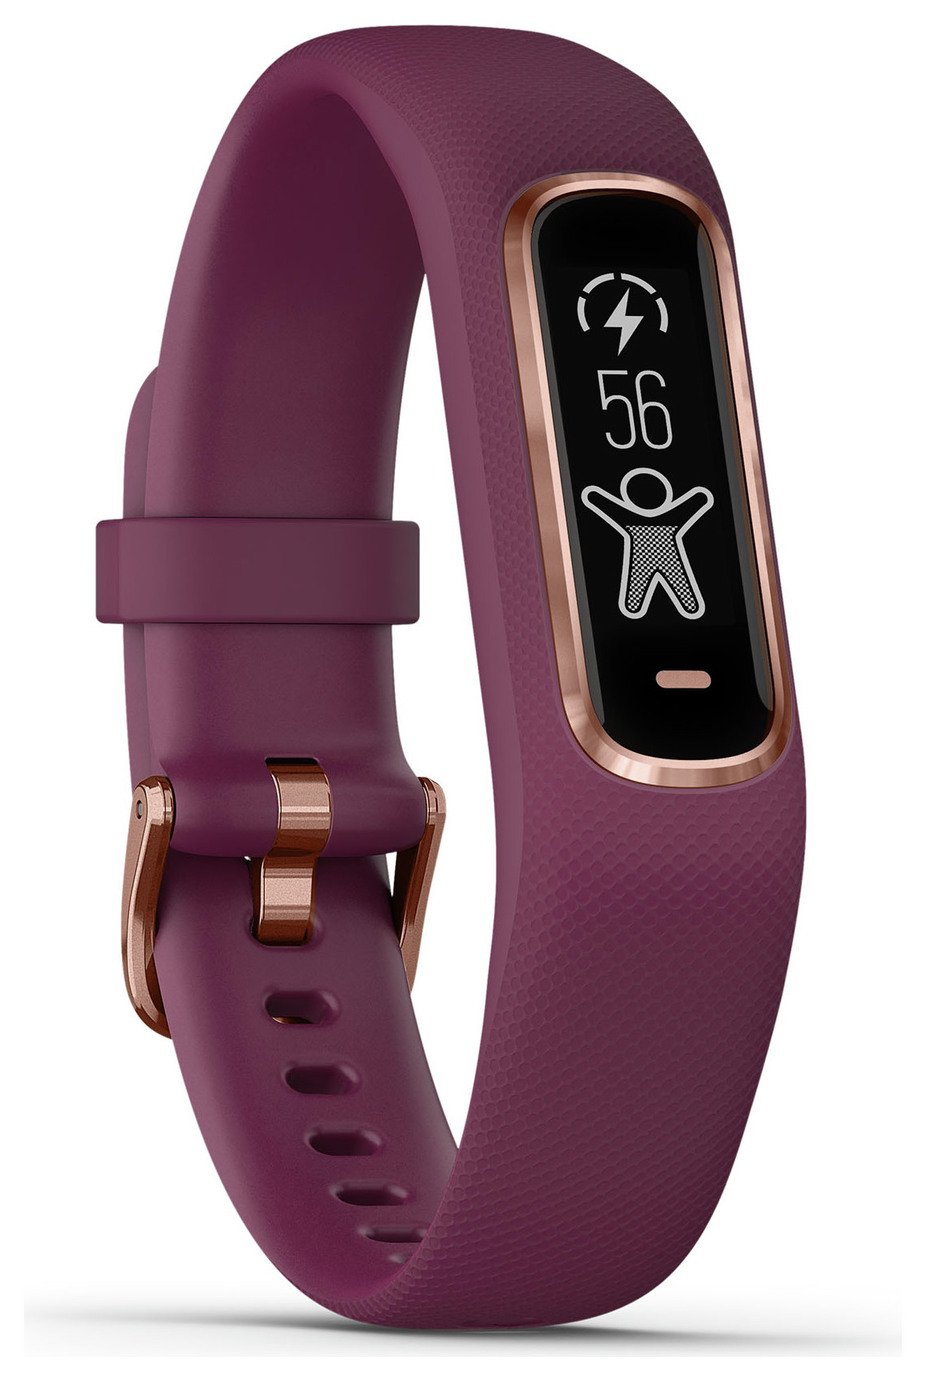 Garmin Vivosmart 4 Small Smart Watch - Berry/ Rose Gold